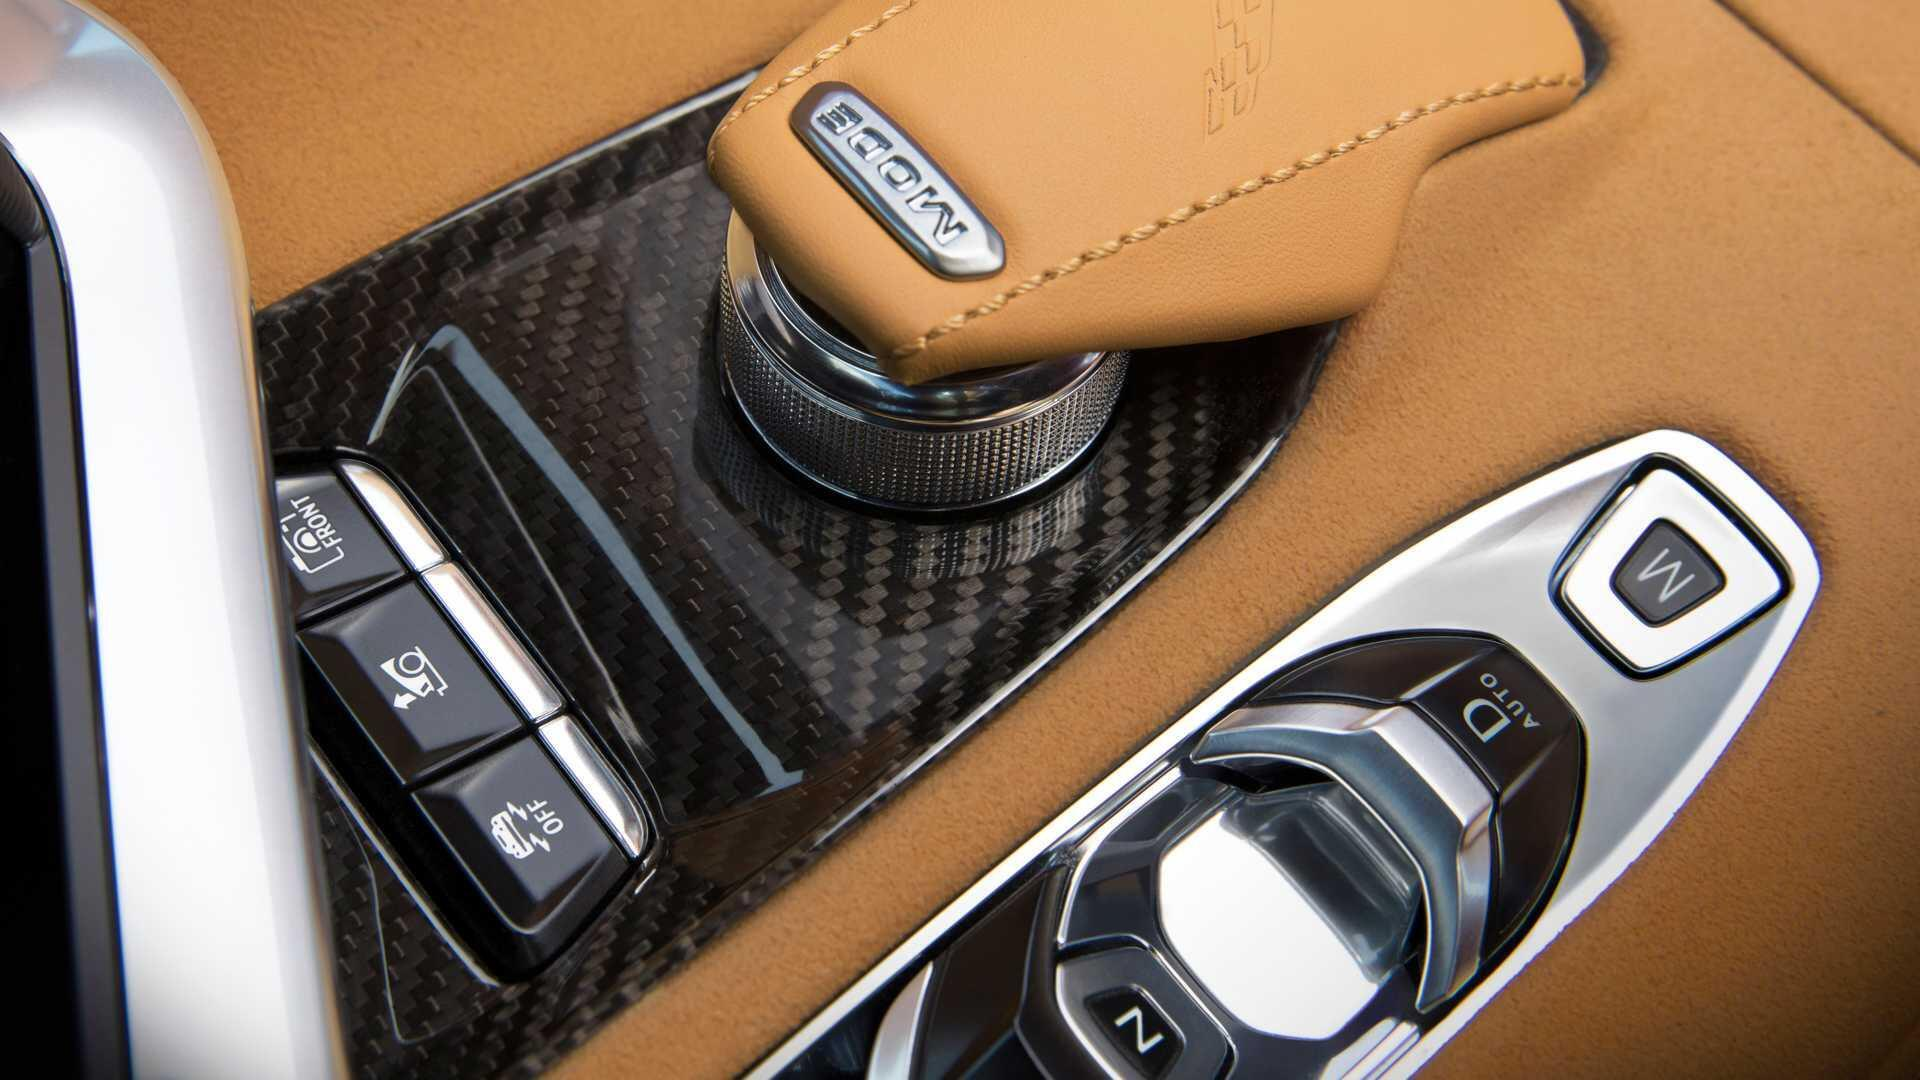 https://cdn.dailyxe.com.vn/image/chevrolet-corvette-2020-co-mot-so-tinh-nang-an-tuyet-voi-88-94596j2.jpg